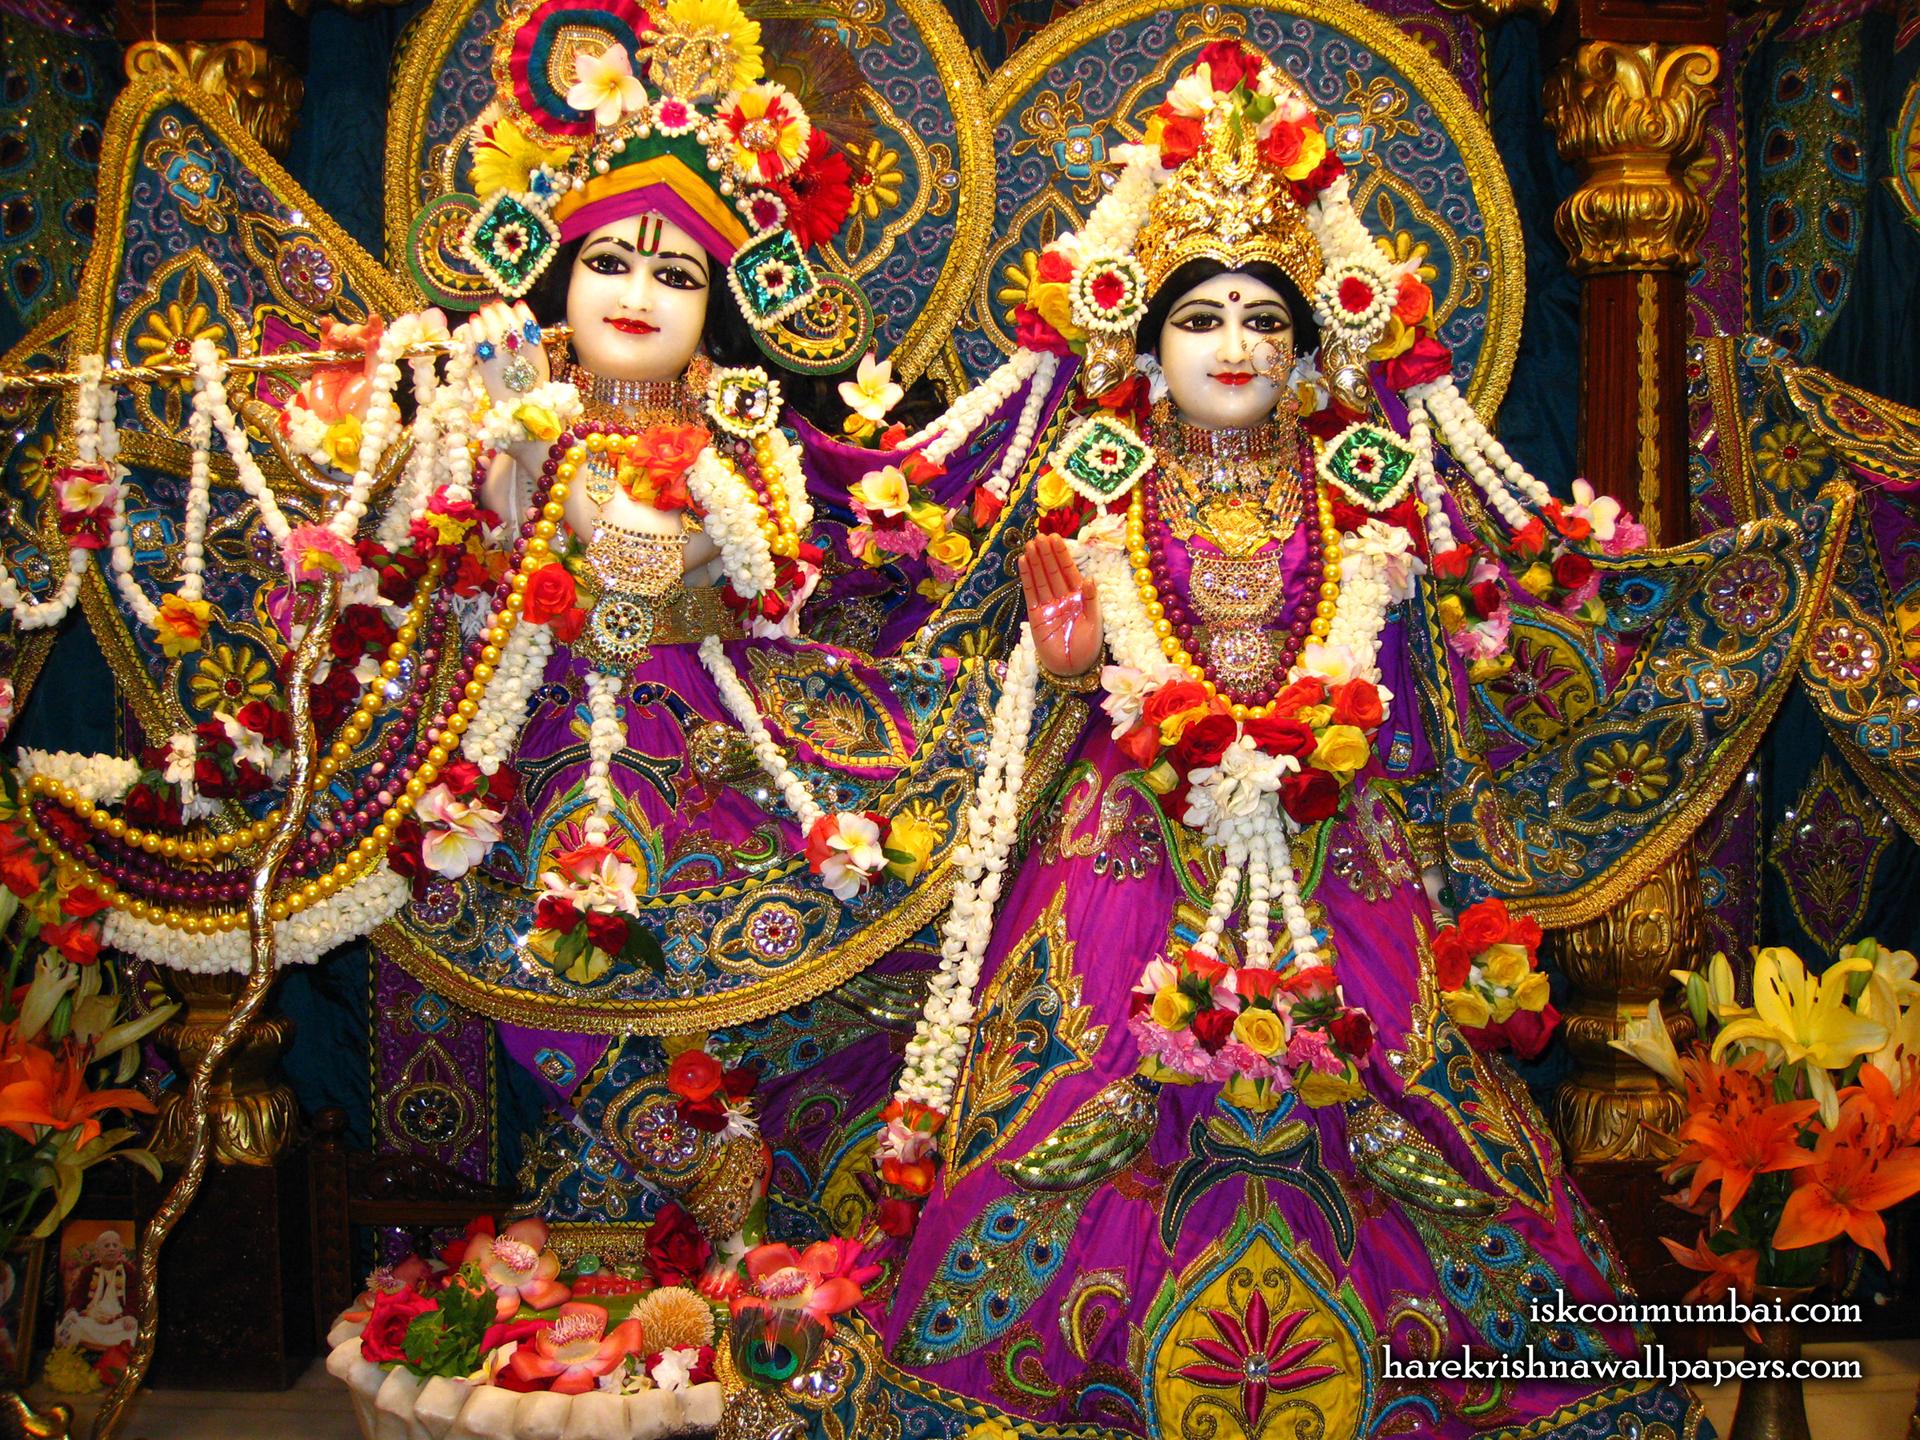 Sri Sri Radha Rasabihari Wallpaper (005) Size 1920x1440 Download